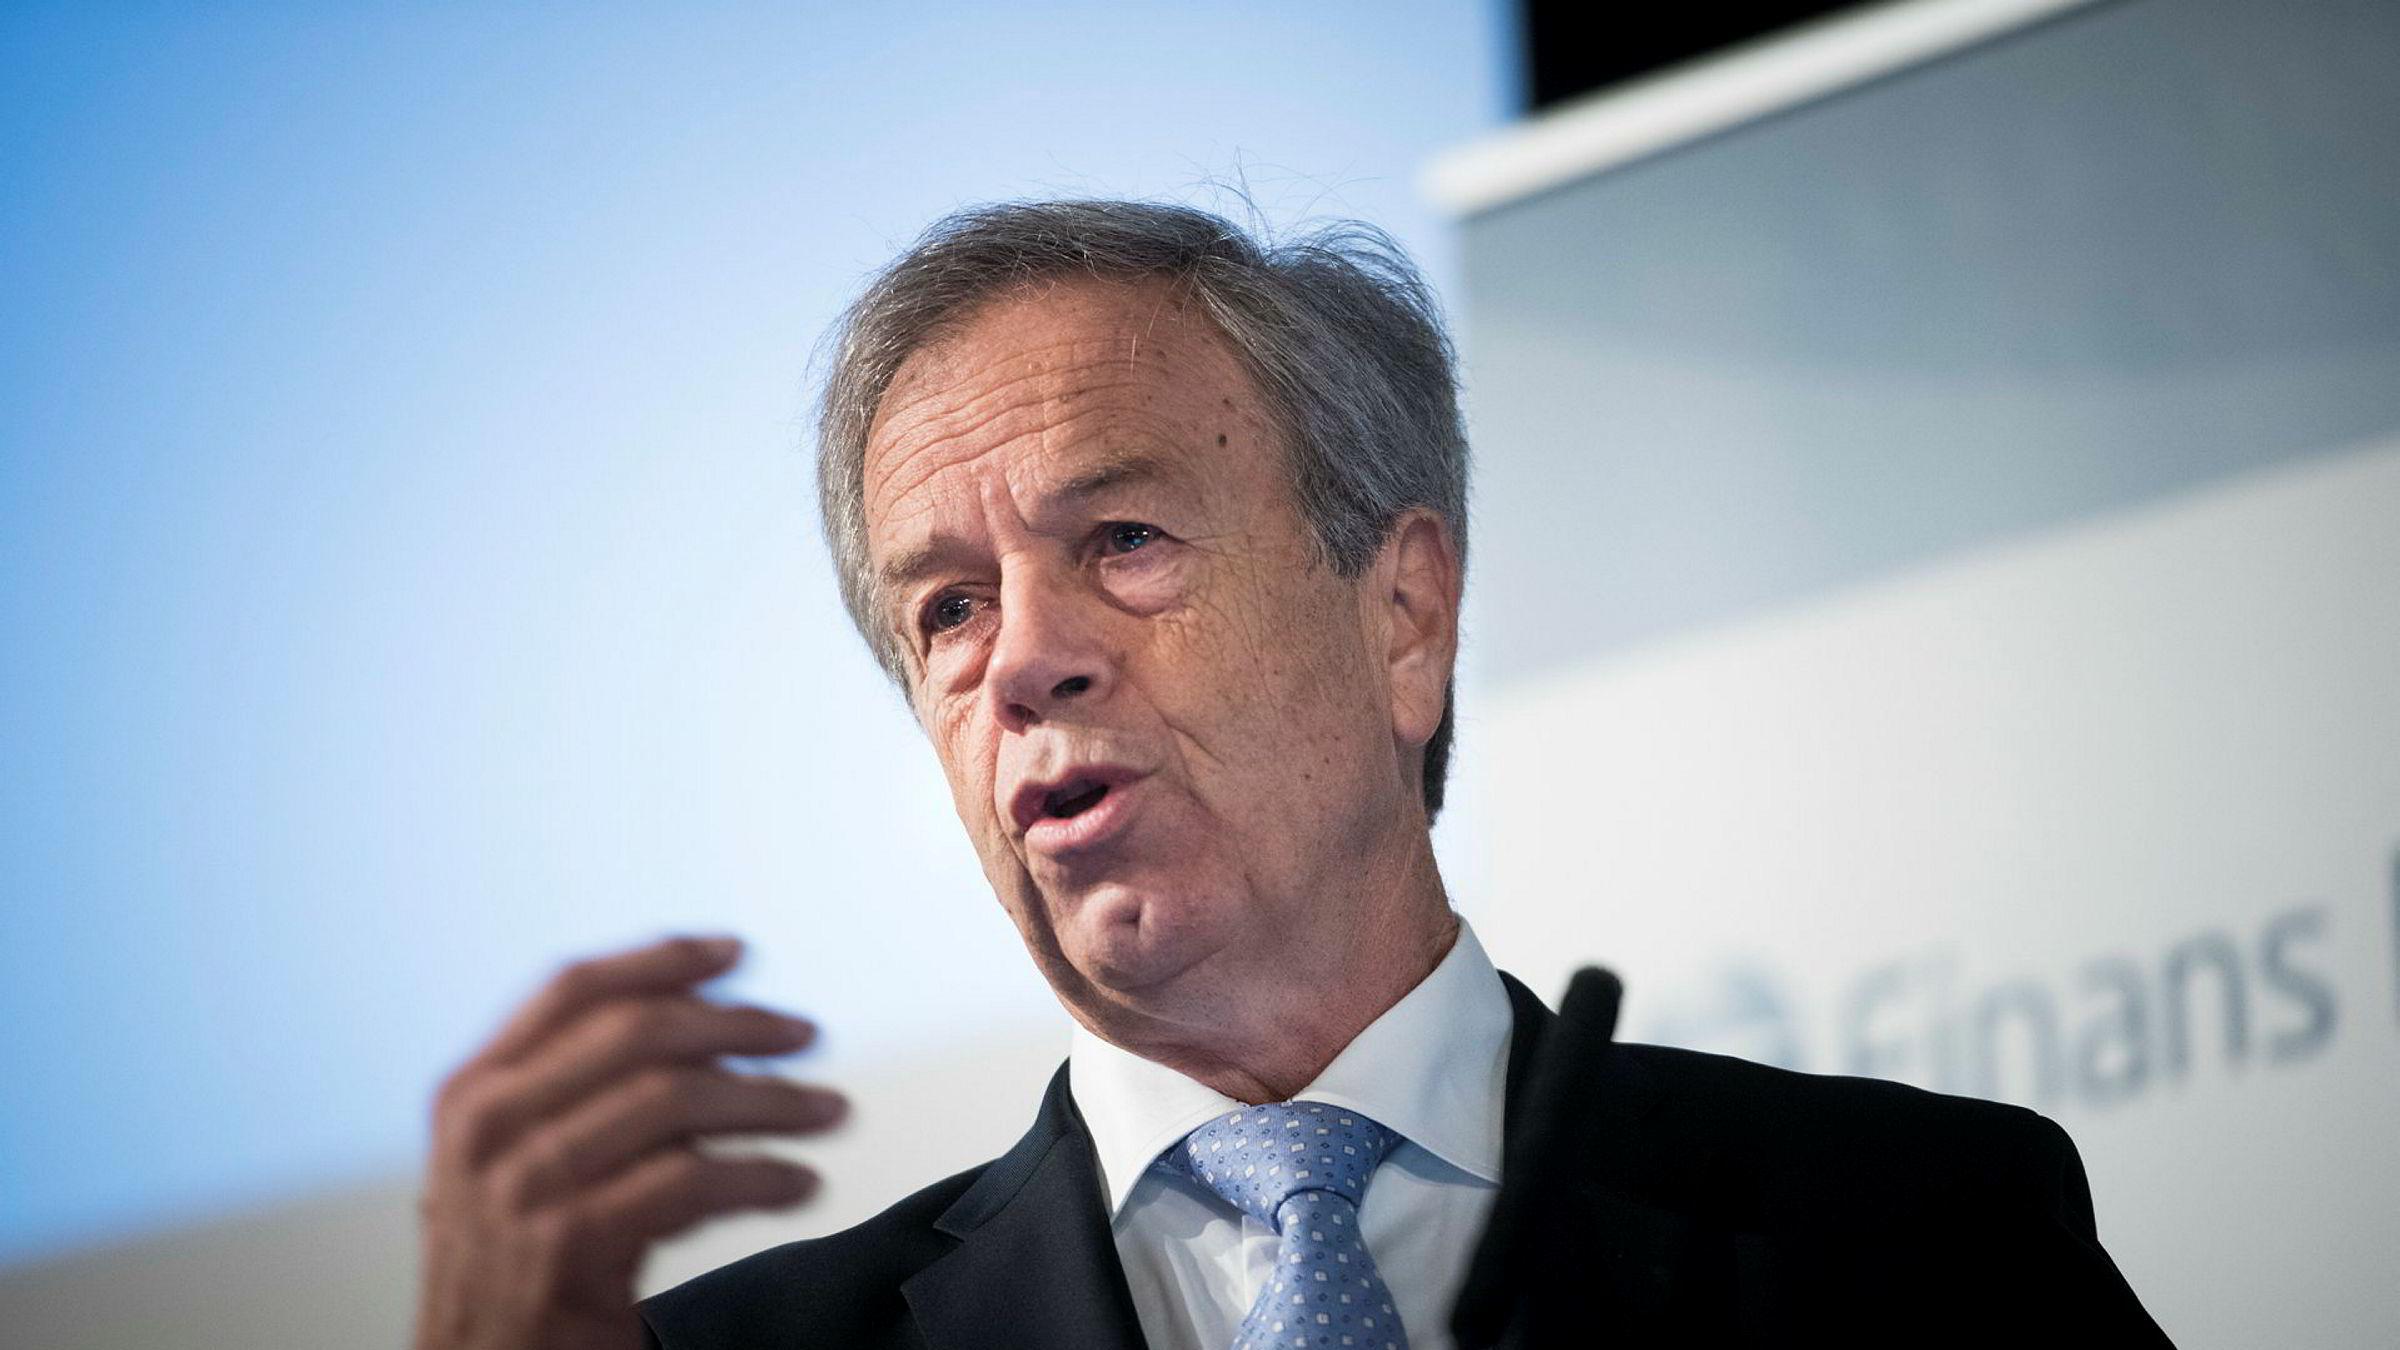 Sentralbanksjef Øystein Olsen advarer mot å tro at bitcoin er et sikkert investeringsobjekt.